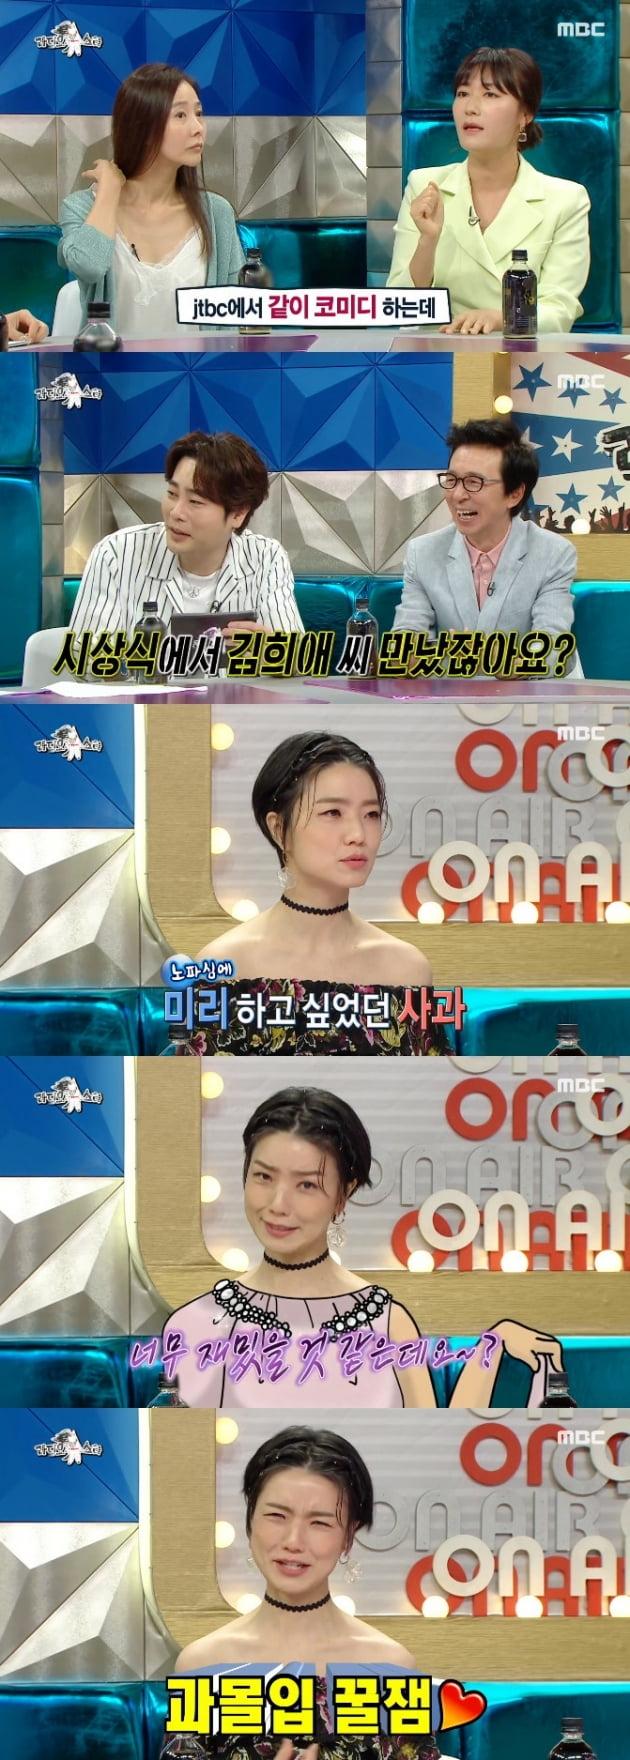 '라디오스타' 안영미 / 사진 = MBC 영상 캡처